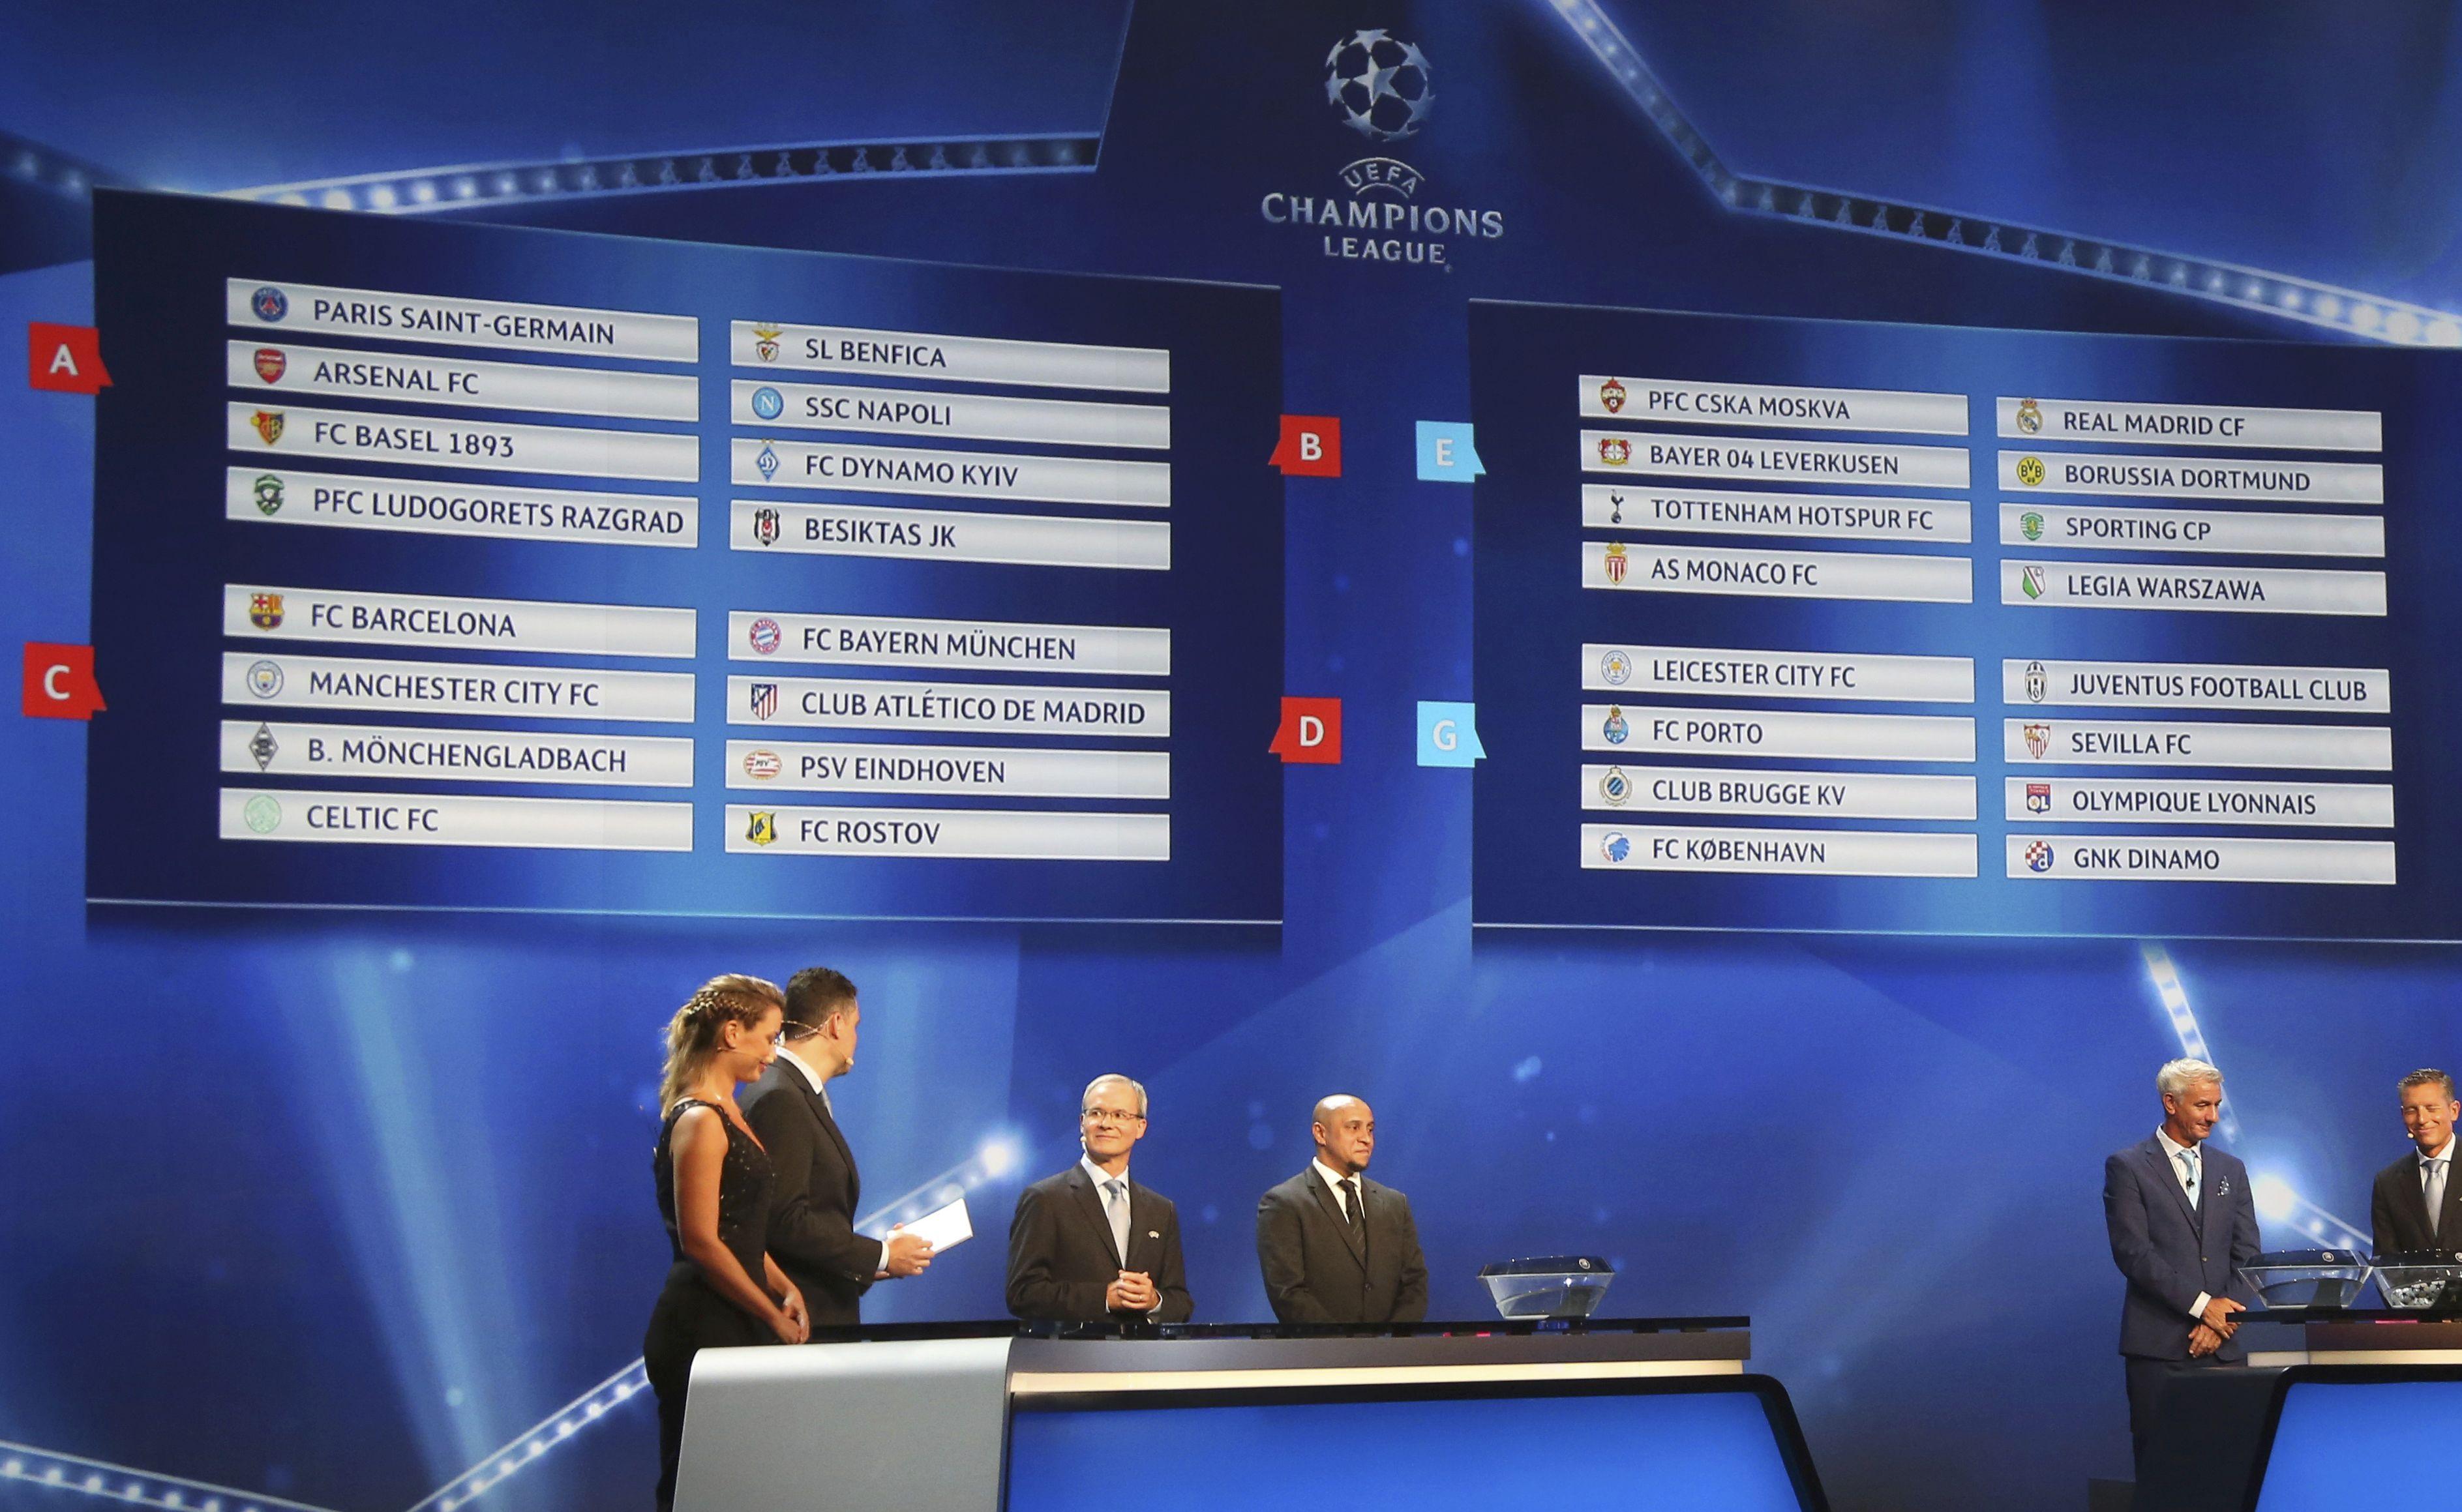 مواجهات من العيار الثقيل في قرعة دور المجموعات بأبطال أوروبا